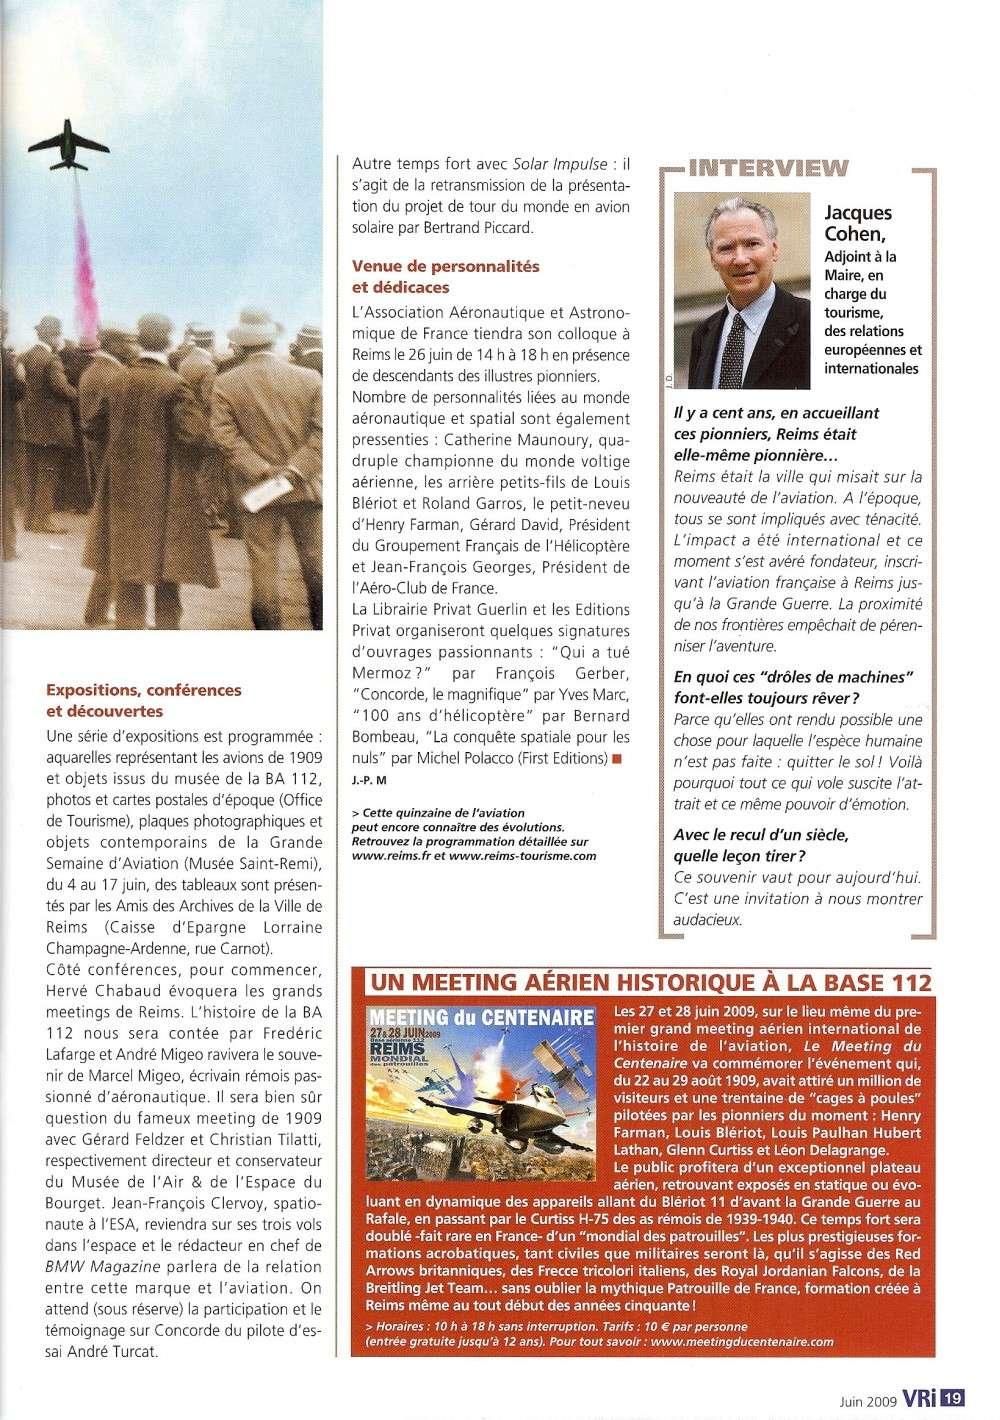 VRI - Ville de REIMS Informations 0312